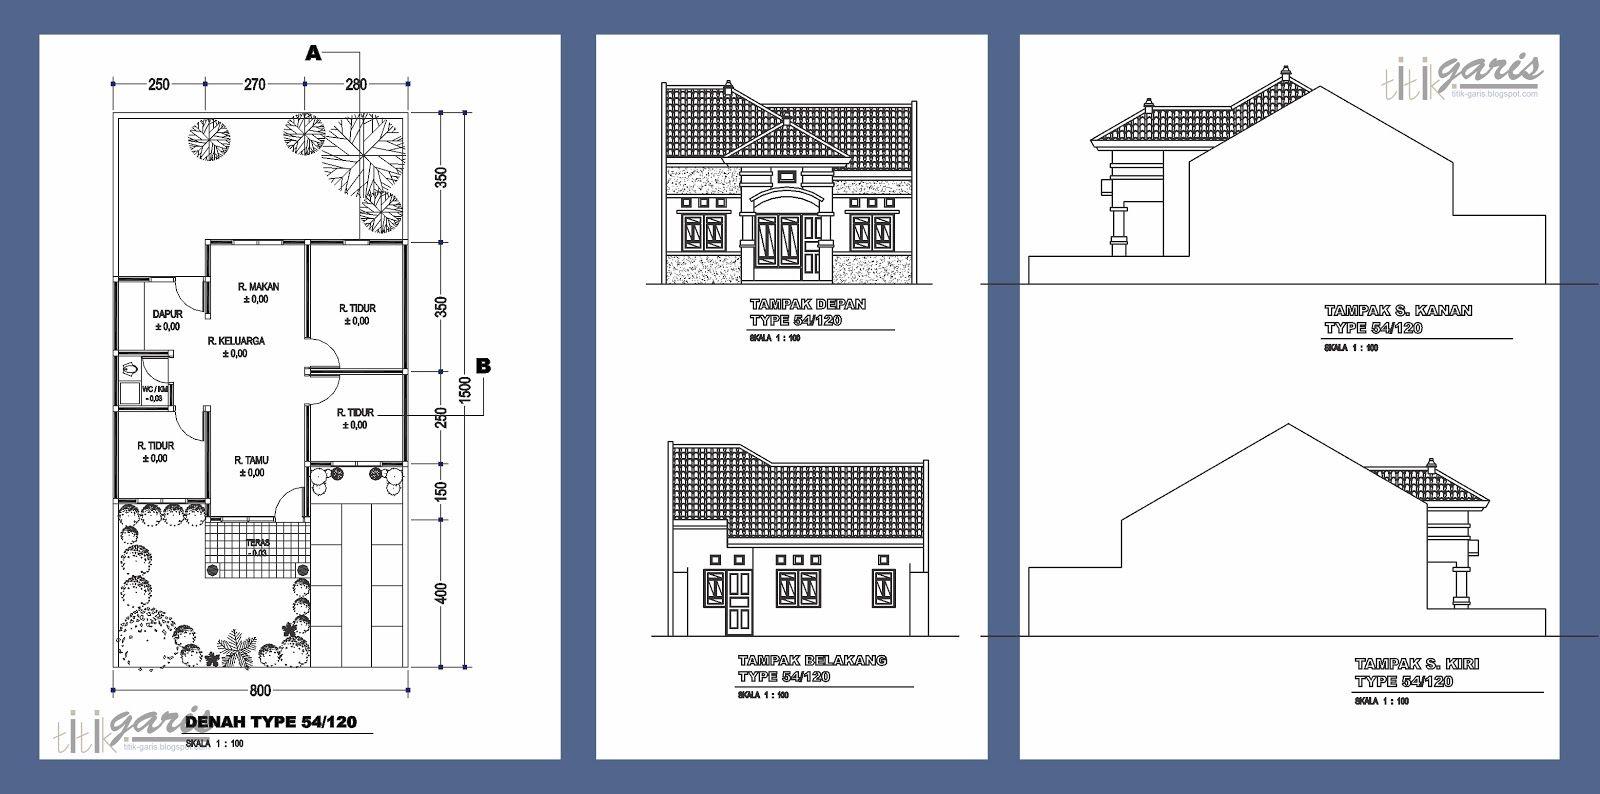 Pin Oleh RizkyDMastuti Di Ide Desain Rumah Di 2019 Denah Rumah